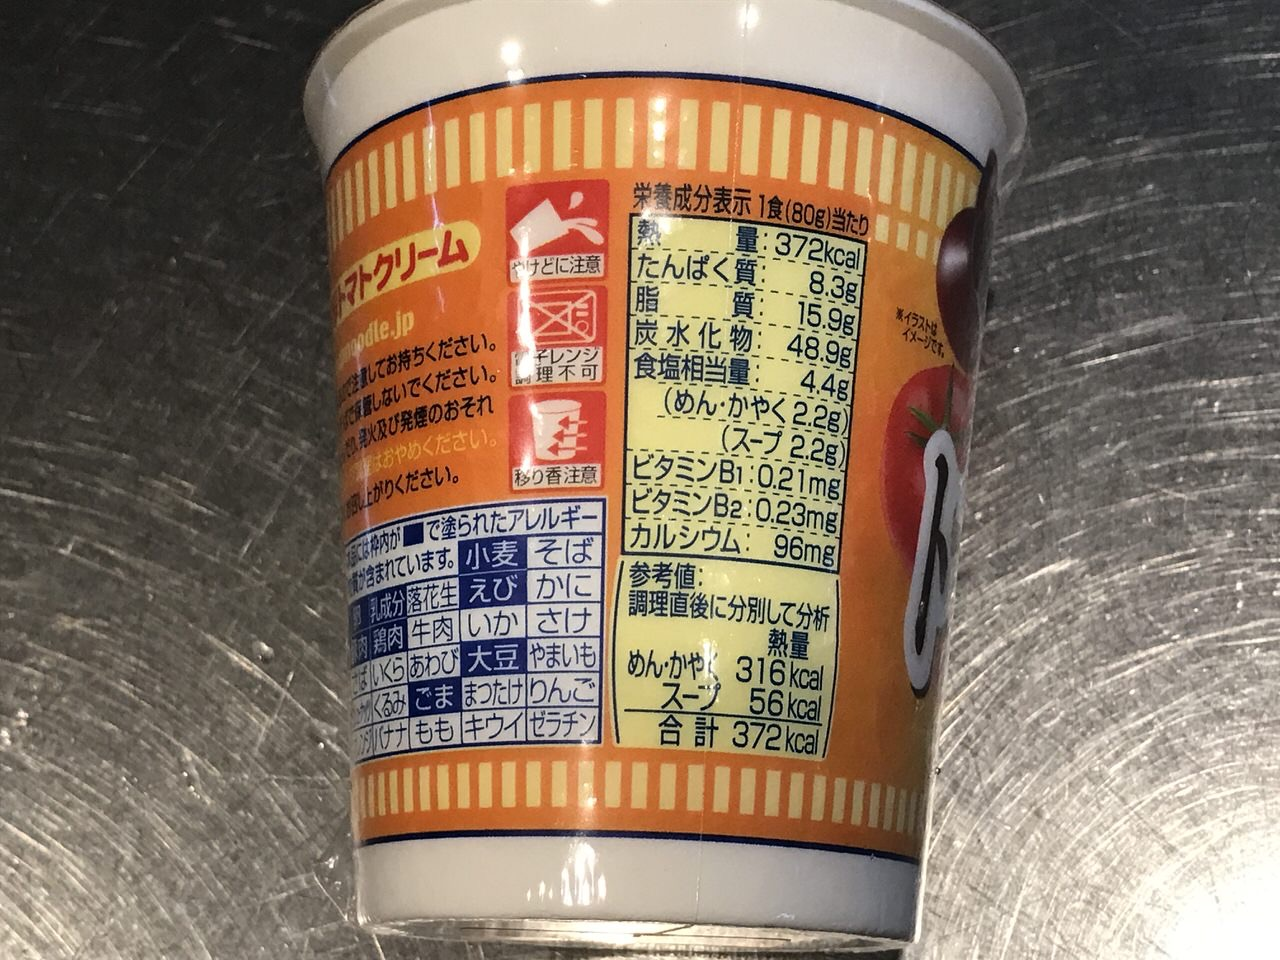 海老の濃厚トマトクリーム 02